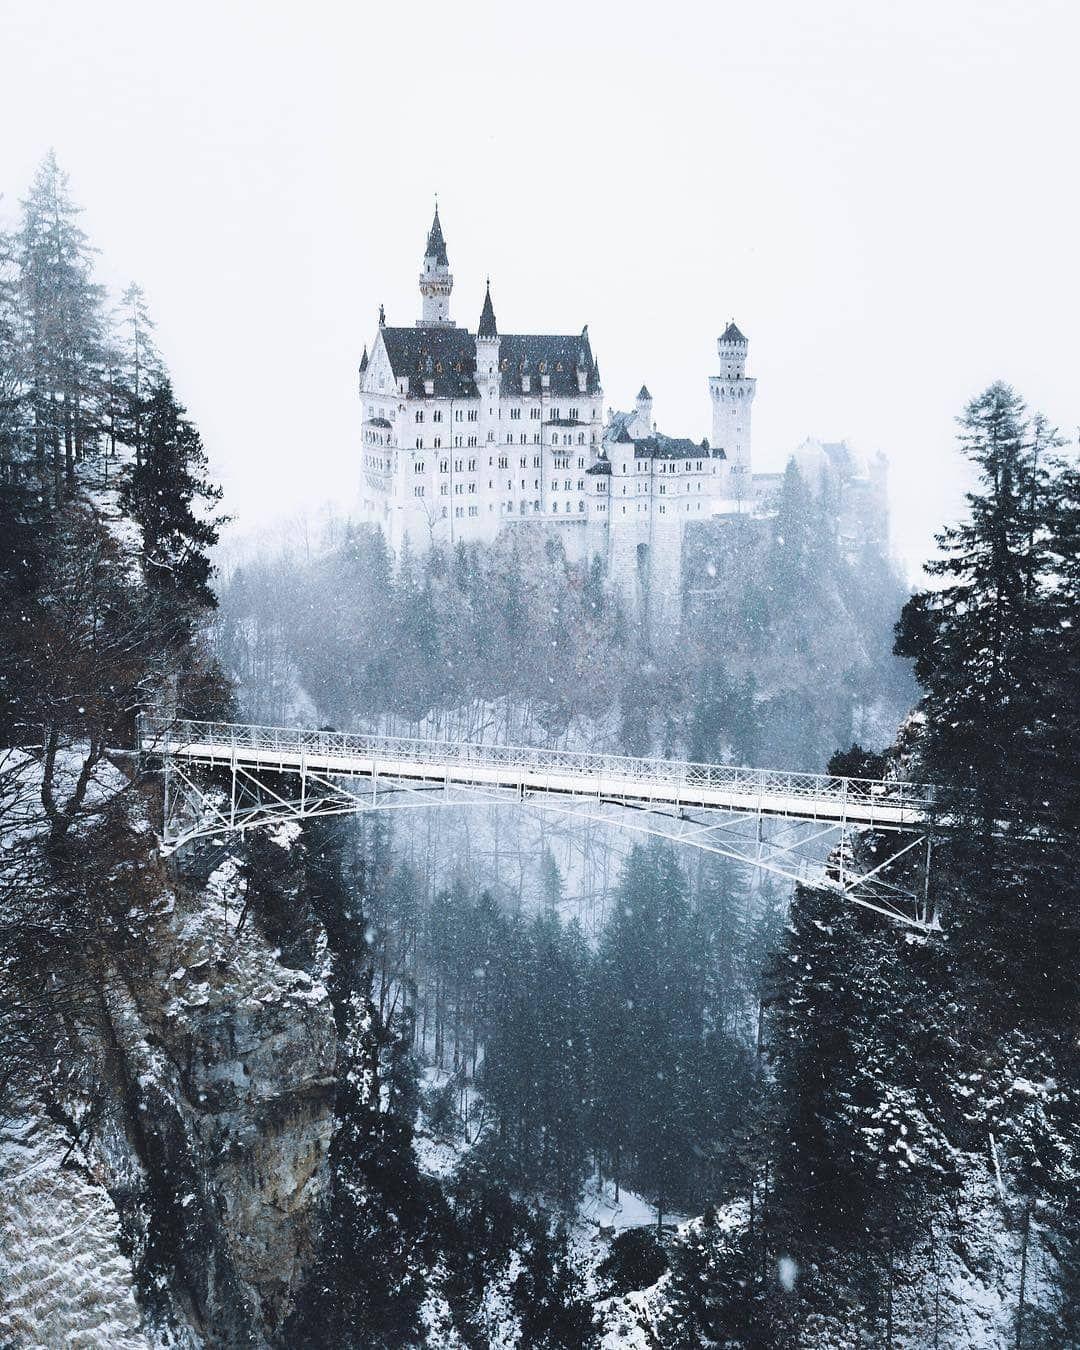 Neuschwanstein Castle Schwangau Germany Mit Bildern Neuschwanstein Schloss Neuschwanstein